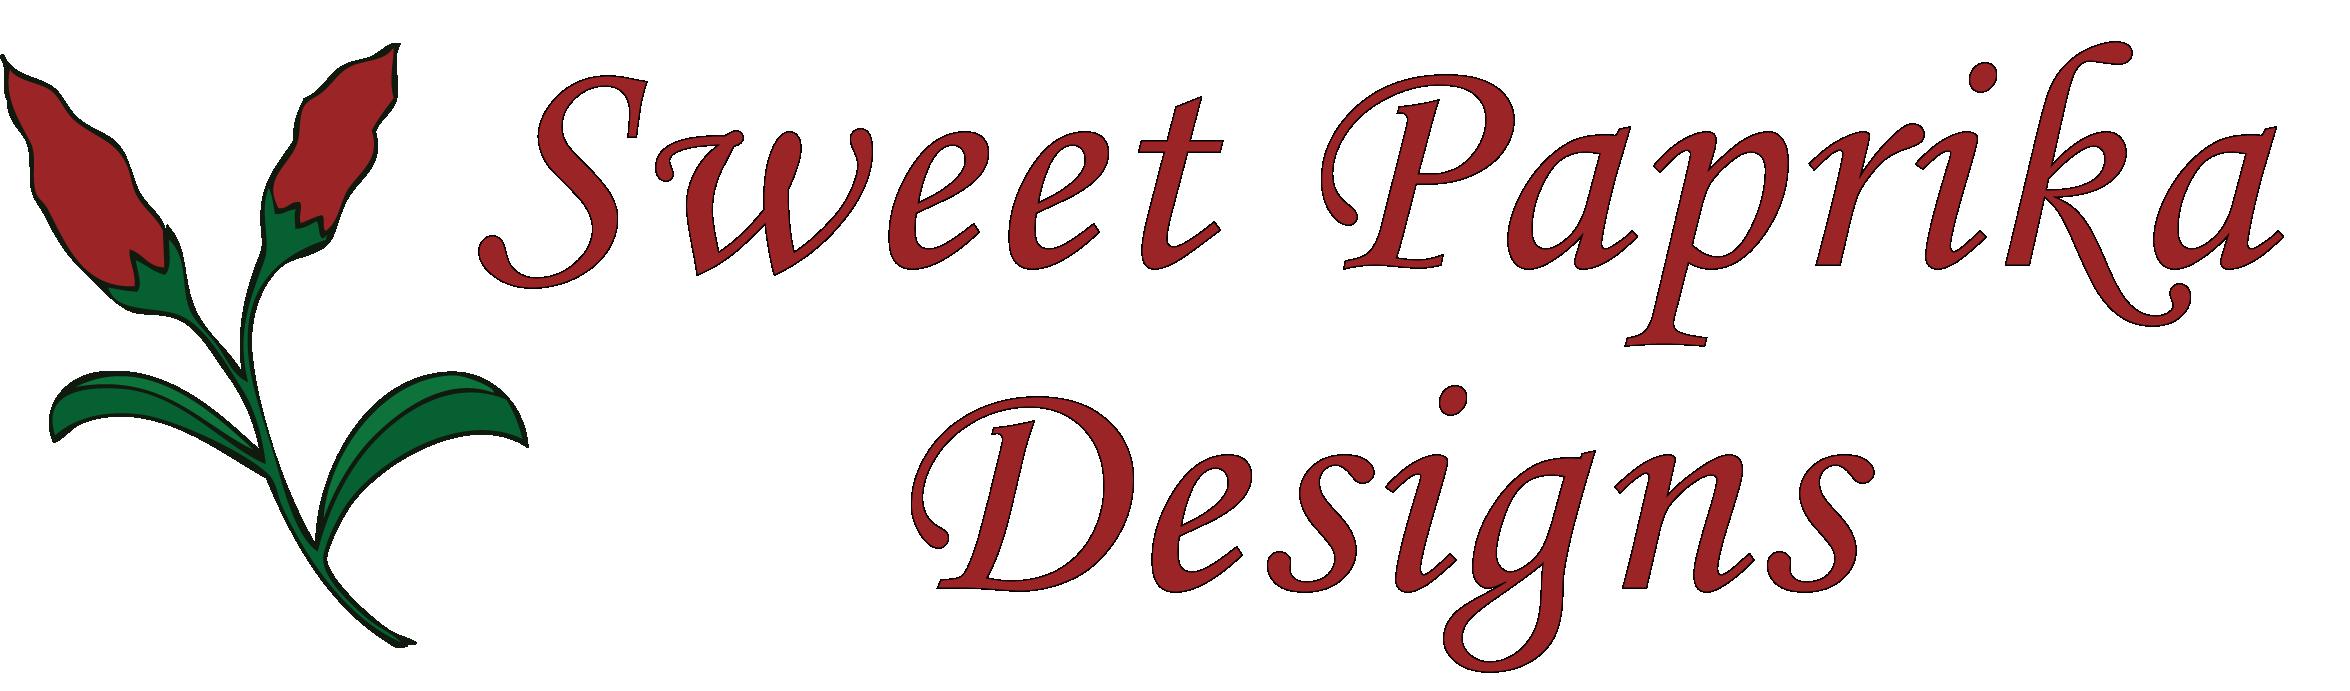 Sweet Paprika Designs logo